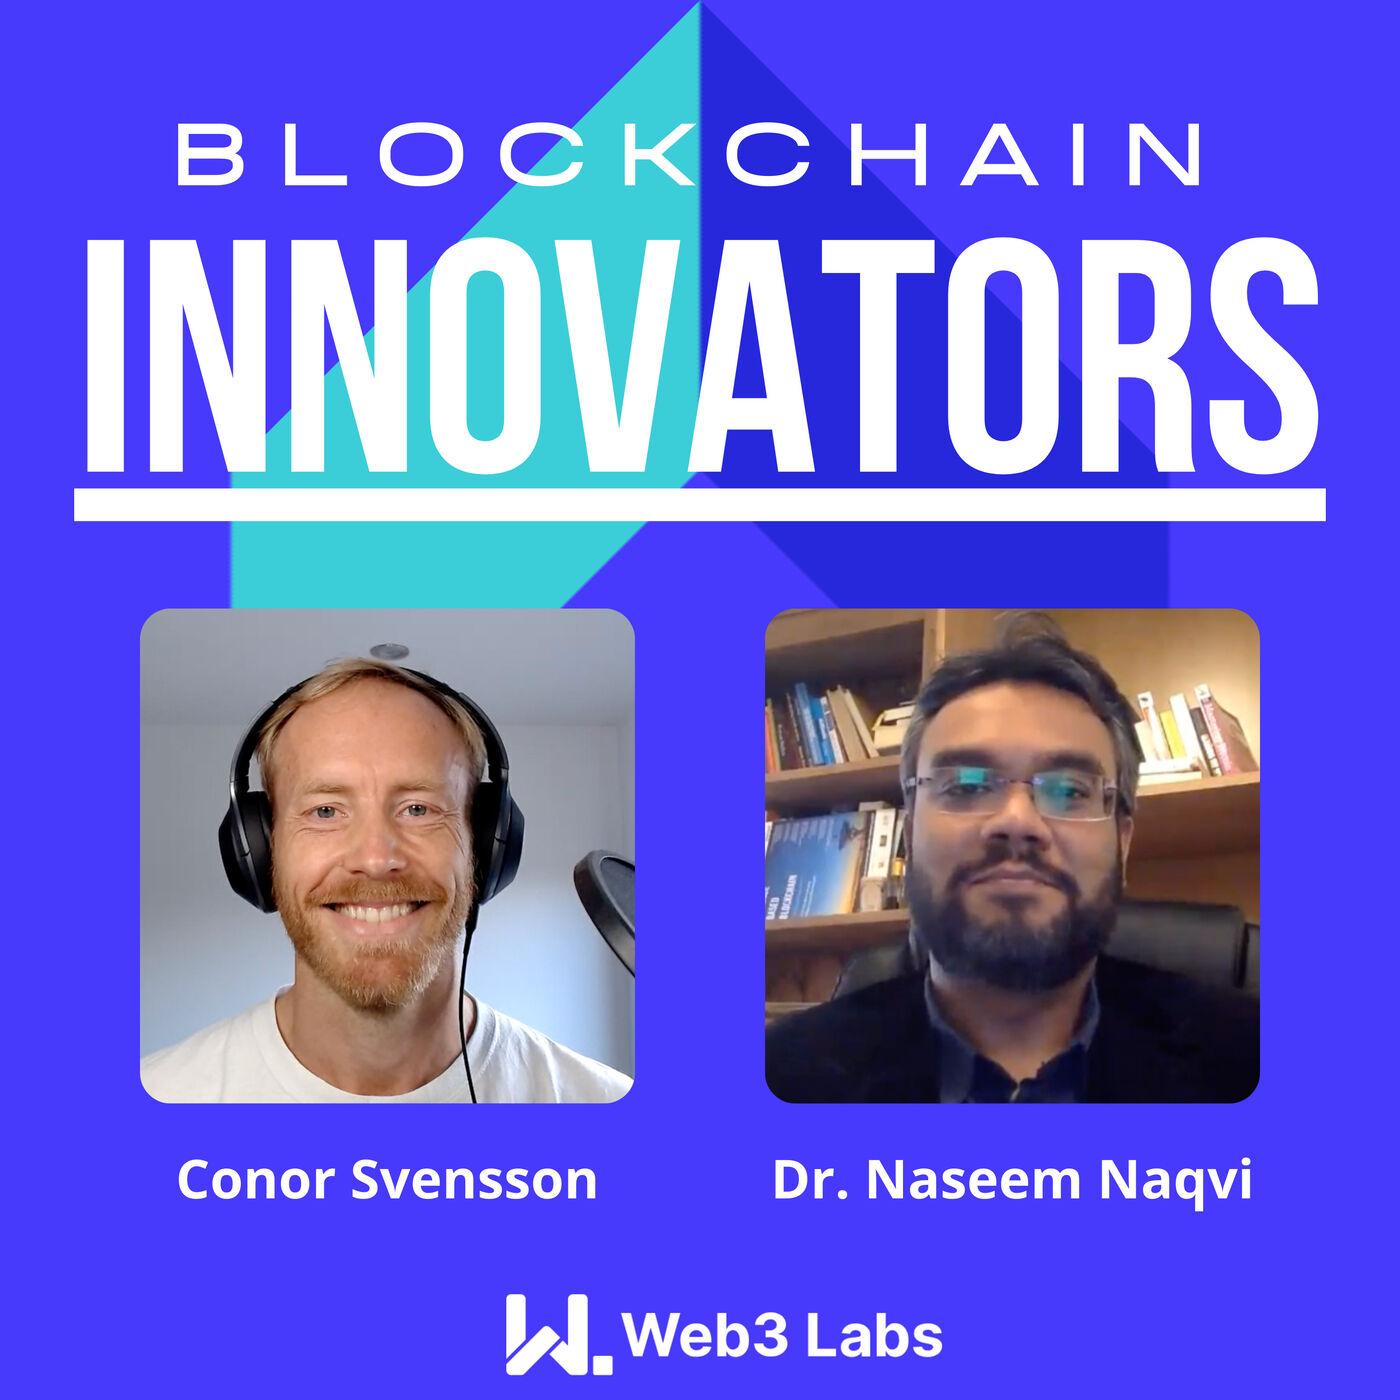 Blockchain Innovators - Conor Svensson and Dr. Naseem Naqvi